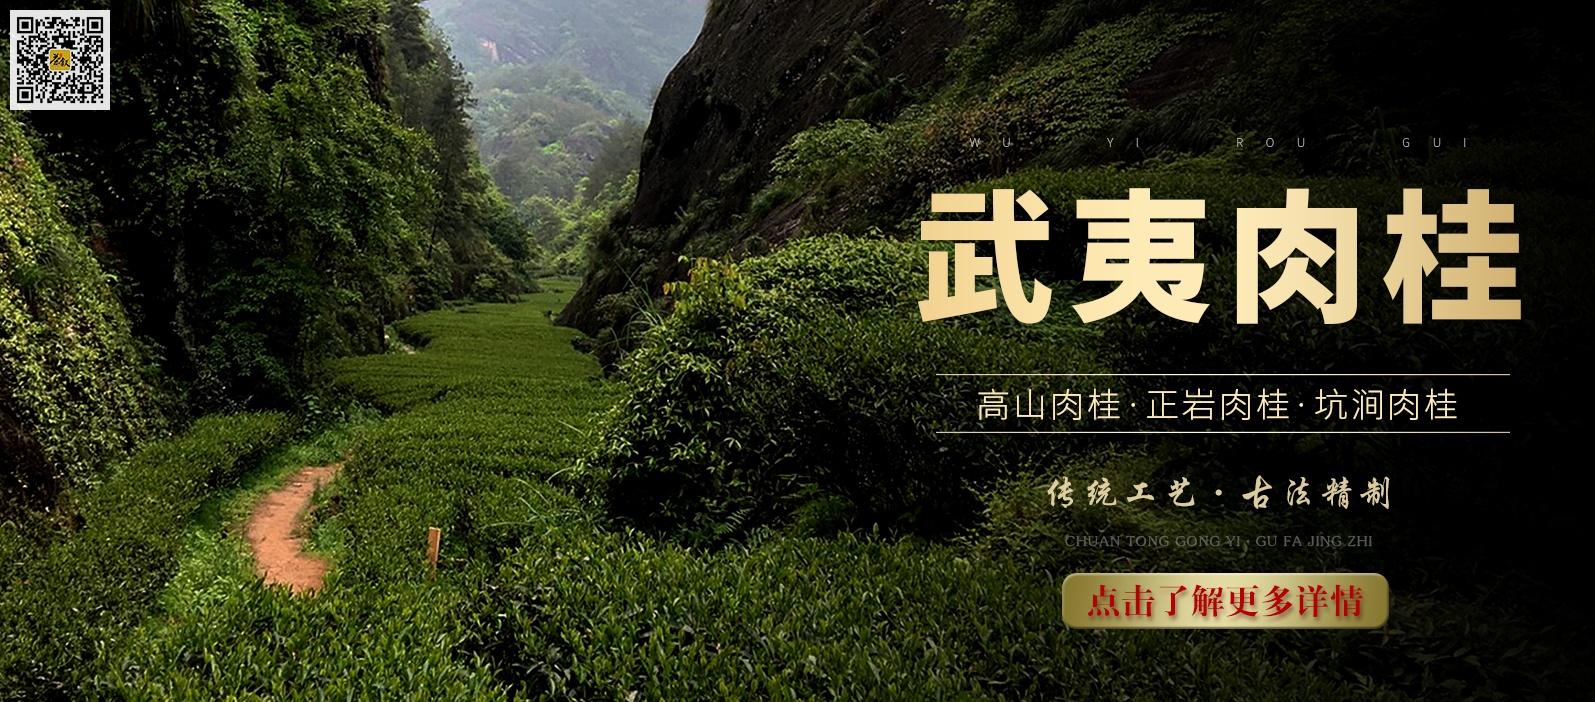 武夷肉桂岩茶